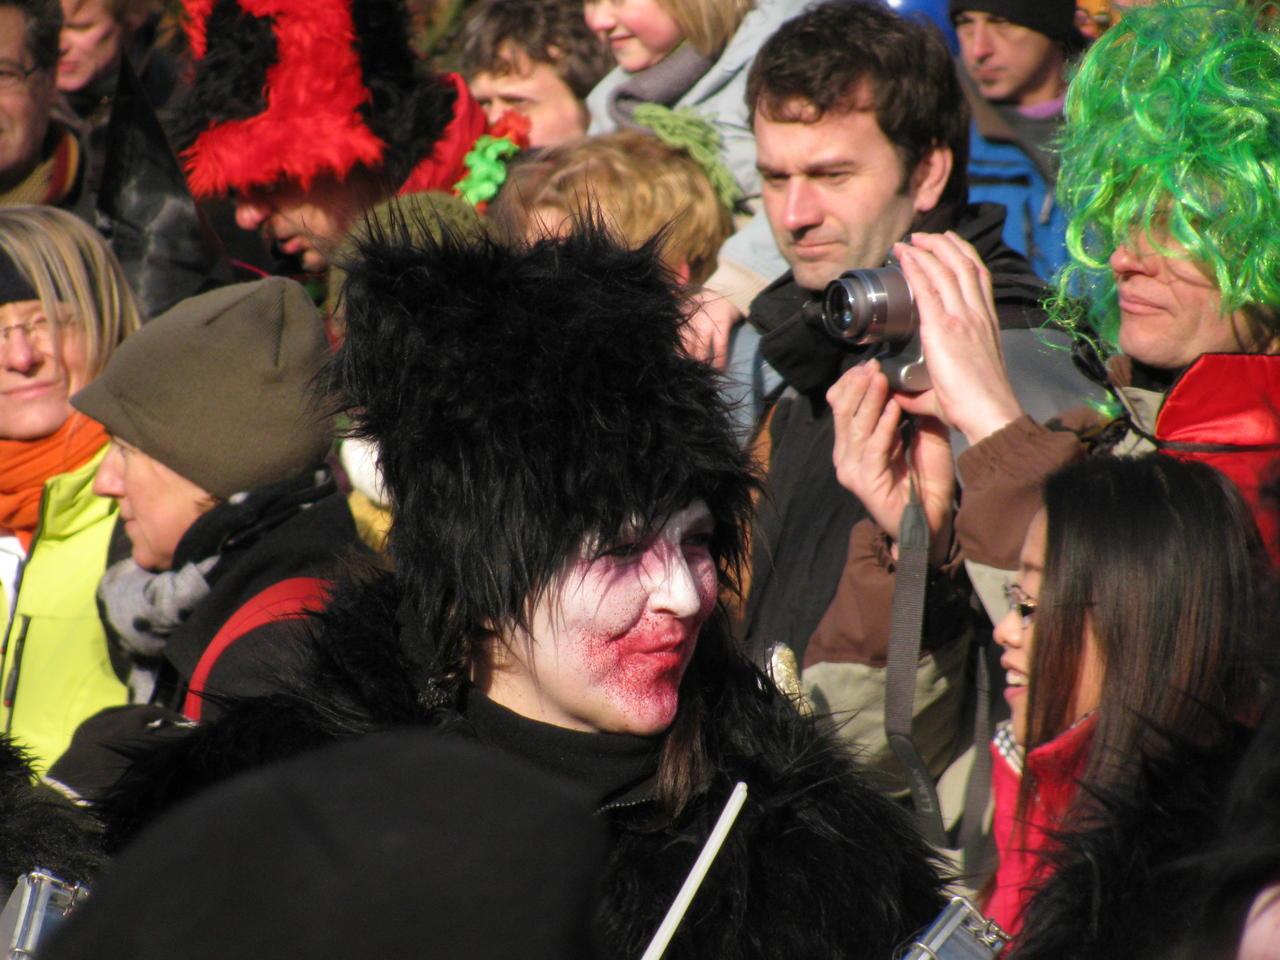 Karneval Bremen 2009